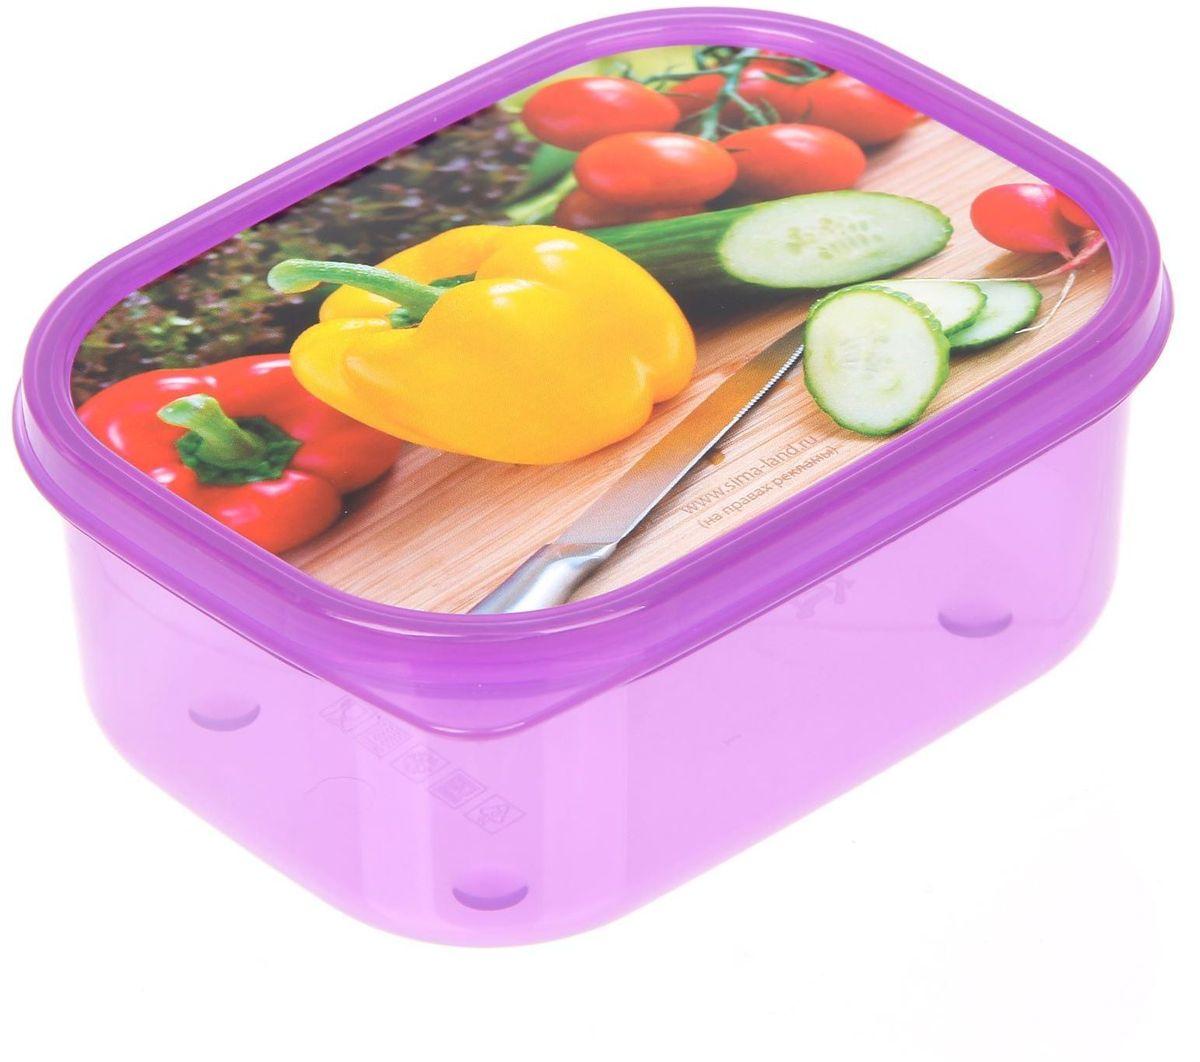 Ланч-бокс Доляна №18, прямоугольный, 500 млVT-1520(SR)Если после вкусного обеда осталась еда, а насладиться трапезой хочется и на следующий день, ланч-бокс станет отличным решением данной проблемы!Такой контейнер является незаменимым предметом кухонной утвари, ведь у него много преимуществ:Простота ухода. Ланч-бокс достаточно промыть тёплой водой с небольшим количеством чистящего средства, и он снова готов к использованию.Вместительность. Большой выбор форм и объёма поможет разместить разнообразные продукты от сахара до супов.Эргономичность. Ланч-боксы очень легко хранить даже в самой маленькой кухне, так как их можно поставить один в другой по принципу матрёшки.Многофункциональность. Разнообразие цветов и форм делает возможным использование контейнеров не только на кухне, но и в других областях домашнего быта.Любители приготовления обеда на всю семью в большинстве случаев приобретают ланч-боксы наборами, так как это позволяет рассортировать продукты по всевозможным признакам. К тому же контейнеры среднего размера станут незаменимыми помощниками на работе: ведь что может быть приятнее, чем порадовать себя во время обеда прекрасной едой, заботливо сохранённой в контейнере?В качестве материала для изготовления используется пластик, что делает процесс ухода за контейнером ещё более эффективным. К каждому ланч-боксу в комплекте также прилагается крышка подходящего размера, это позволяет плотно и надёжно удерживать запах еды и упрощает процесс транспортировки.Однако рекомендуется соблюдать и меры предосторожности: не использовать пластиковые контейнеры в духовых шкафах и на открытом огне, а также не разогревать в микроволновых печах при закрытой крышке ланч-бокса. Соблюдение мер безопасности позволит продлить срок эксплуатации и сохранить отличный внешний вид изделия.Эргономичный дизайн и многофункциональность таких контейнеров — вот, что является причиной большой популярности данного предмета у каждой хозяйки. А в преддверии лета и дачного сезона такое приобретение позв